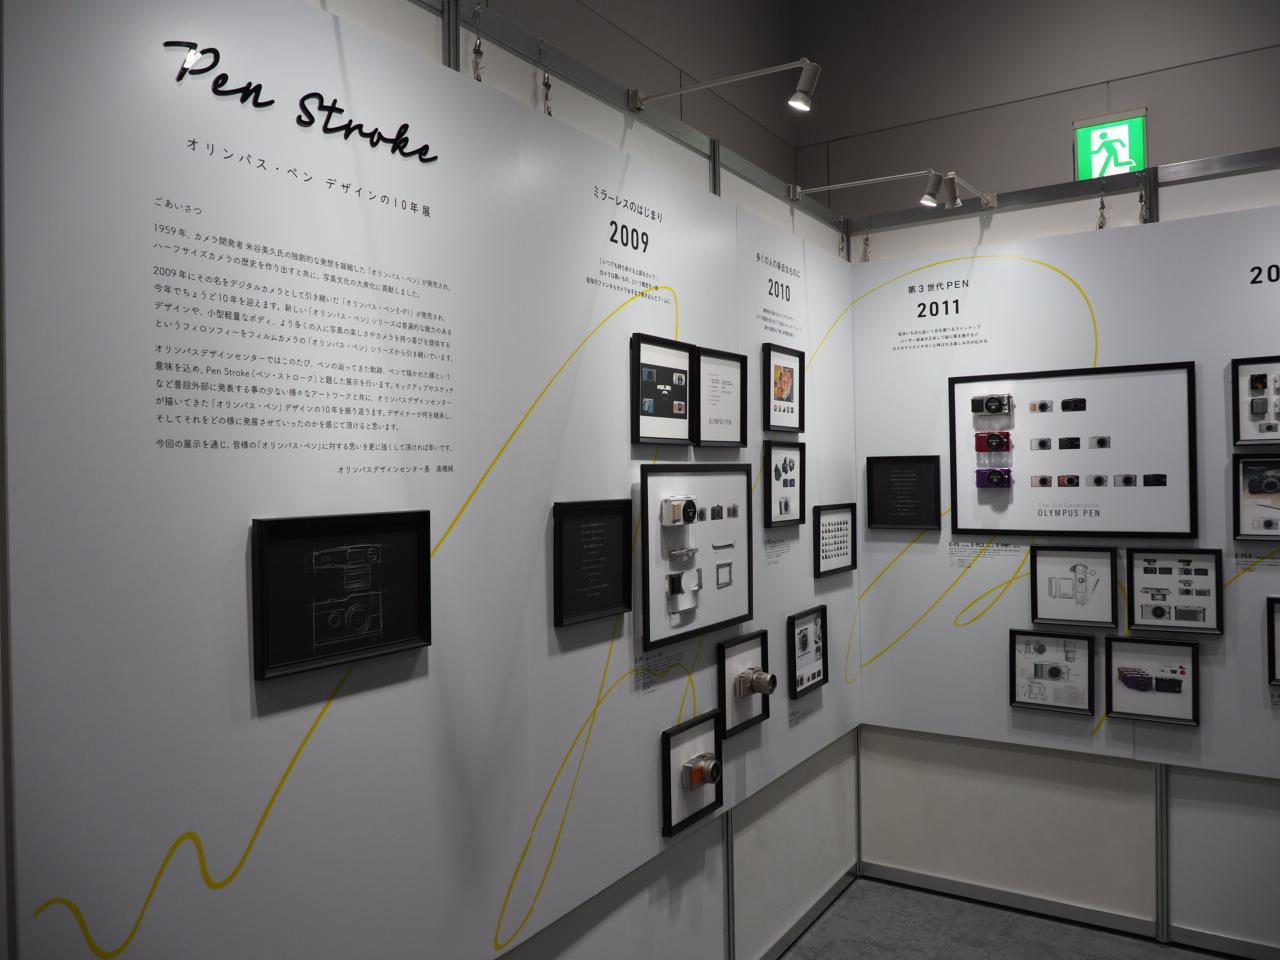 画像1: PEN Stroke OLYMPUS PEN デザインの10年展